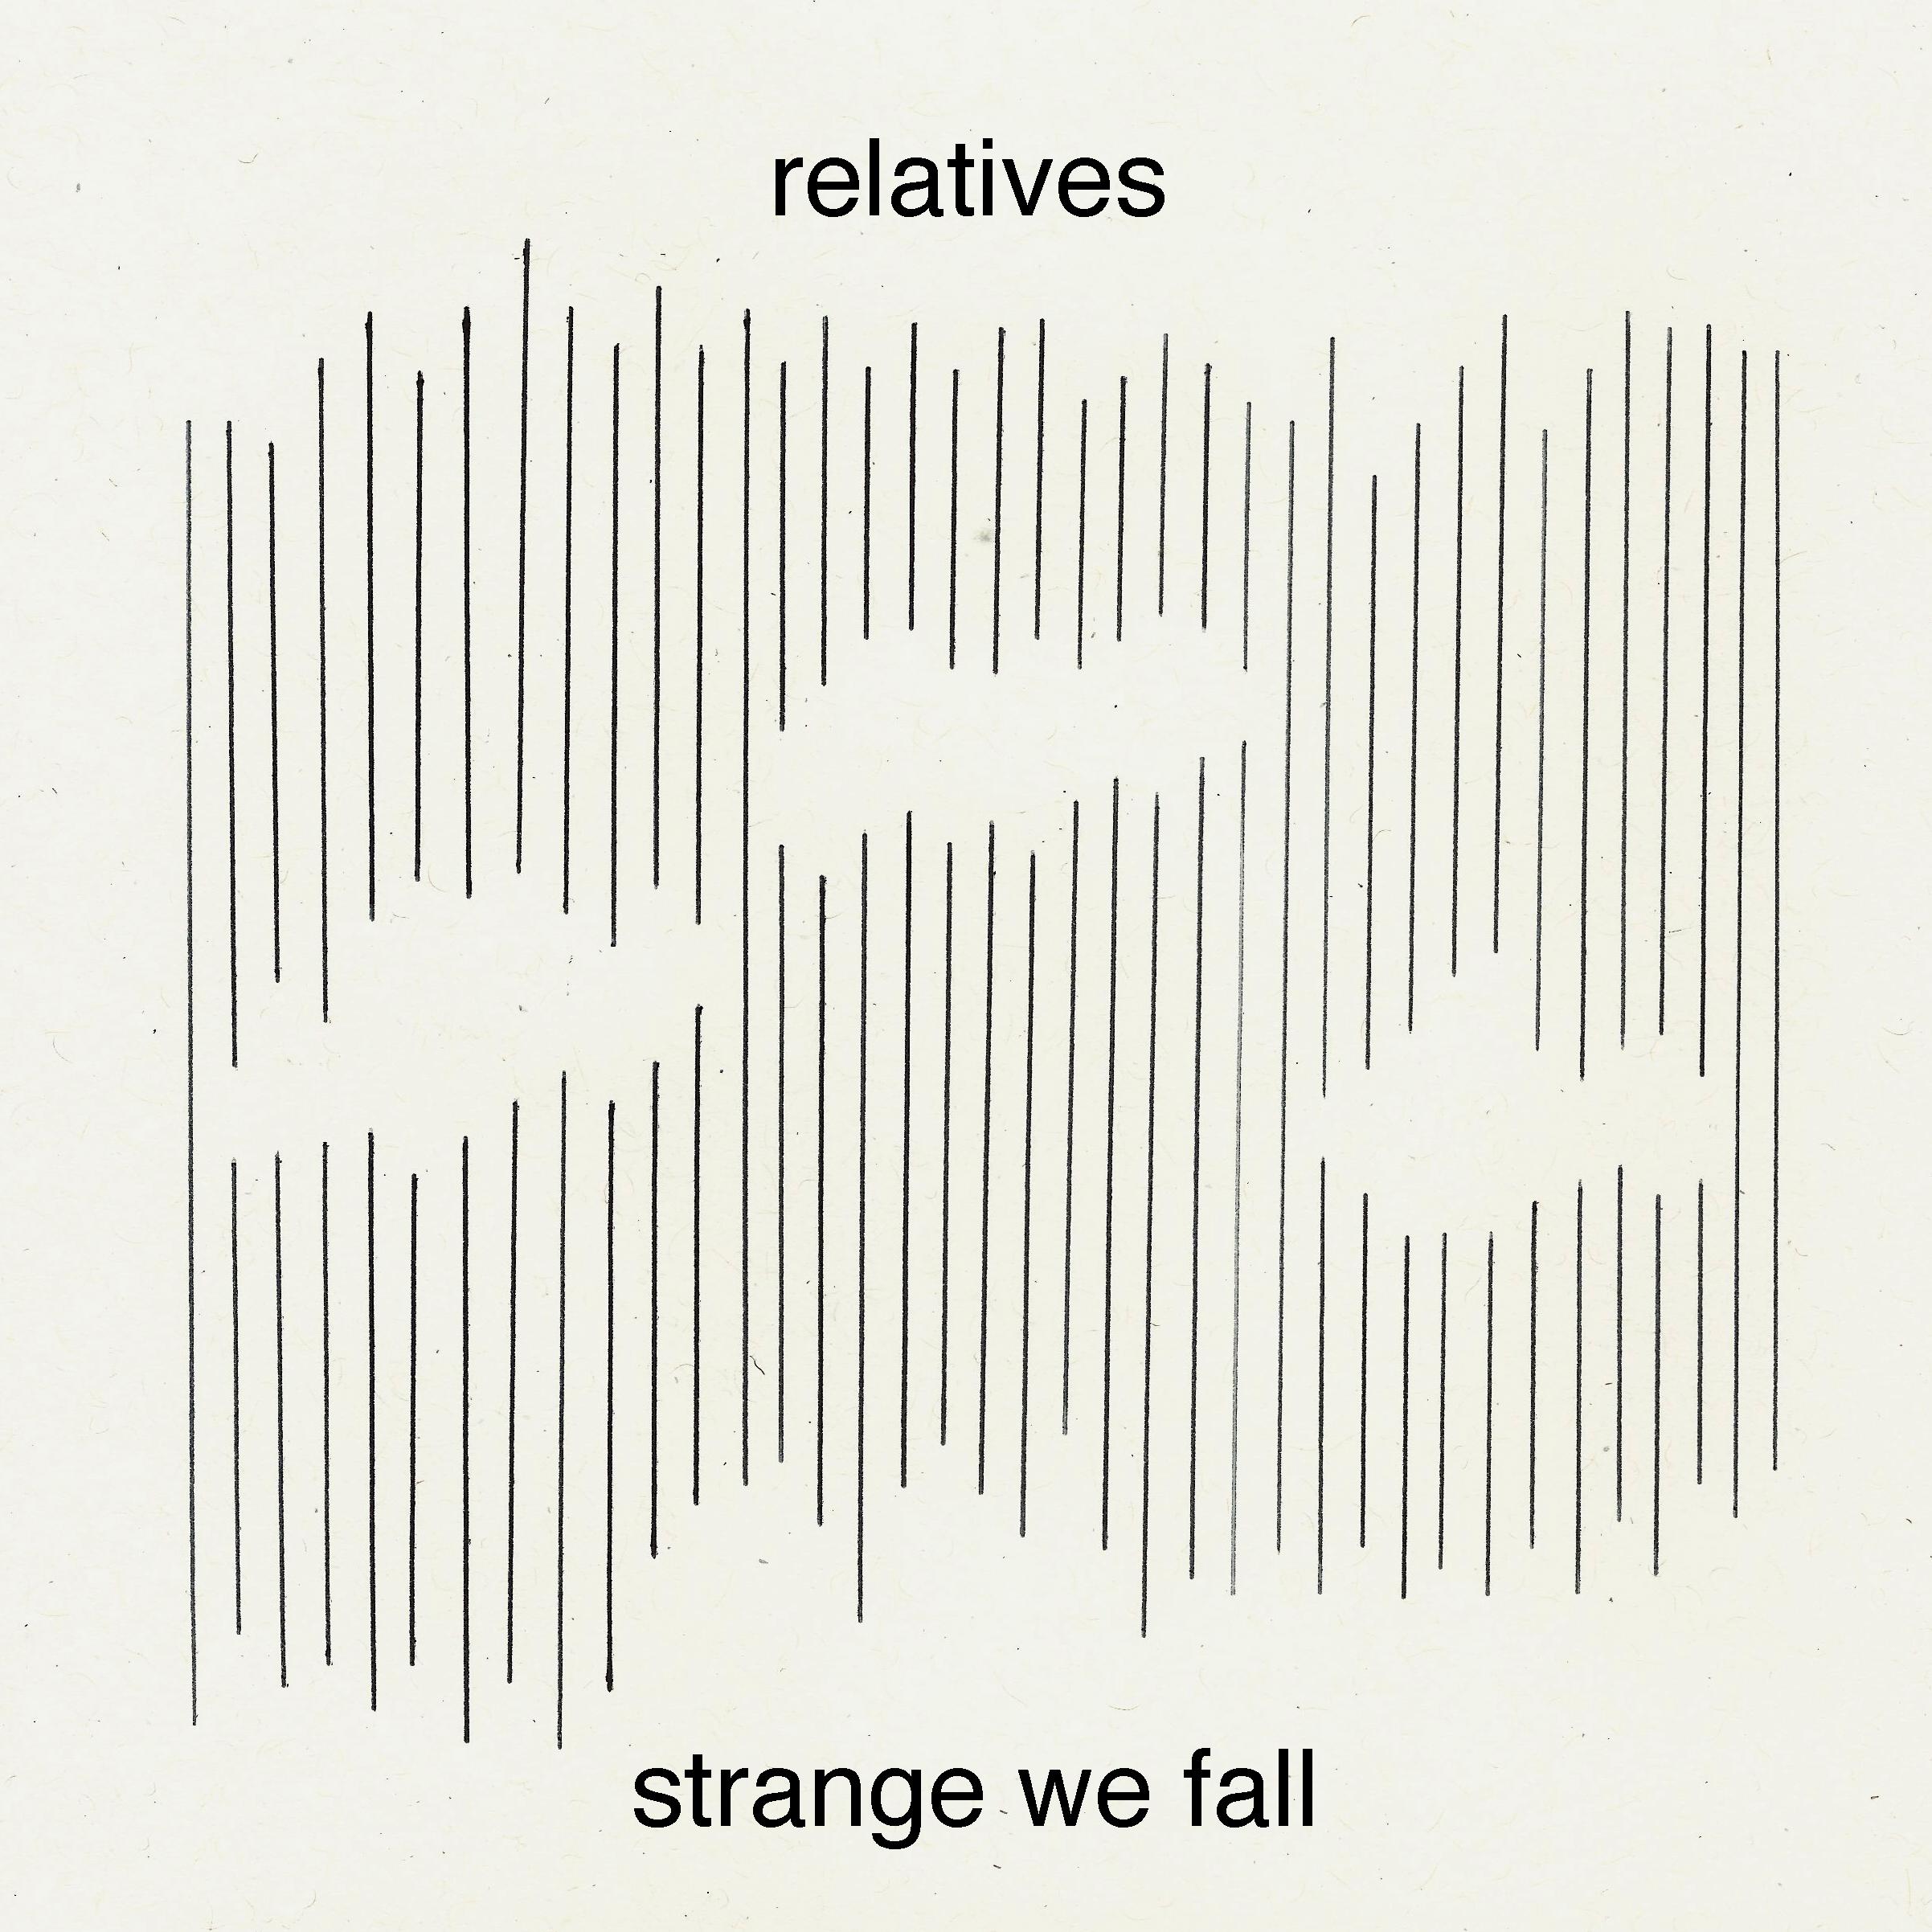 Relatives strange we fall option 7.jpg